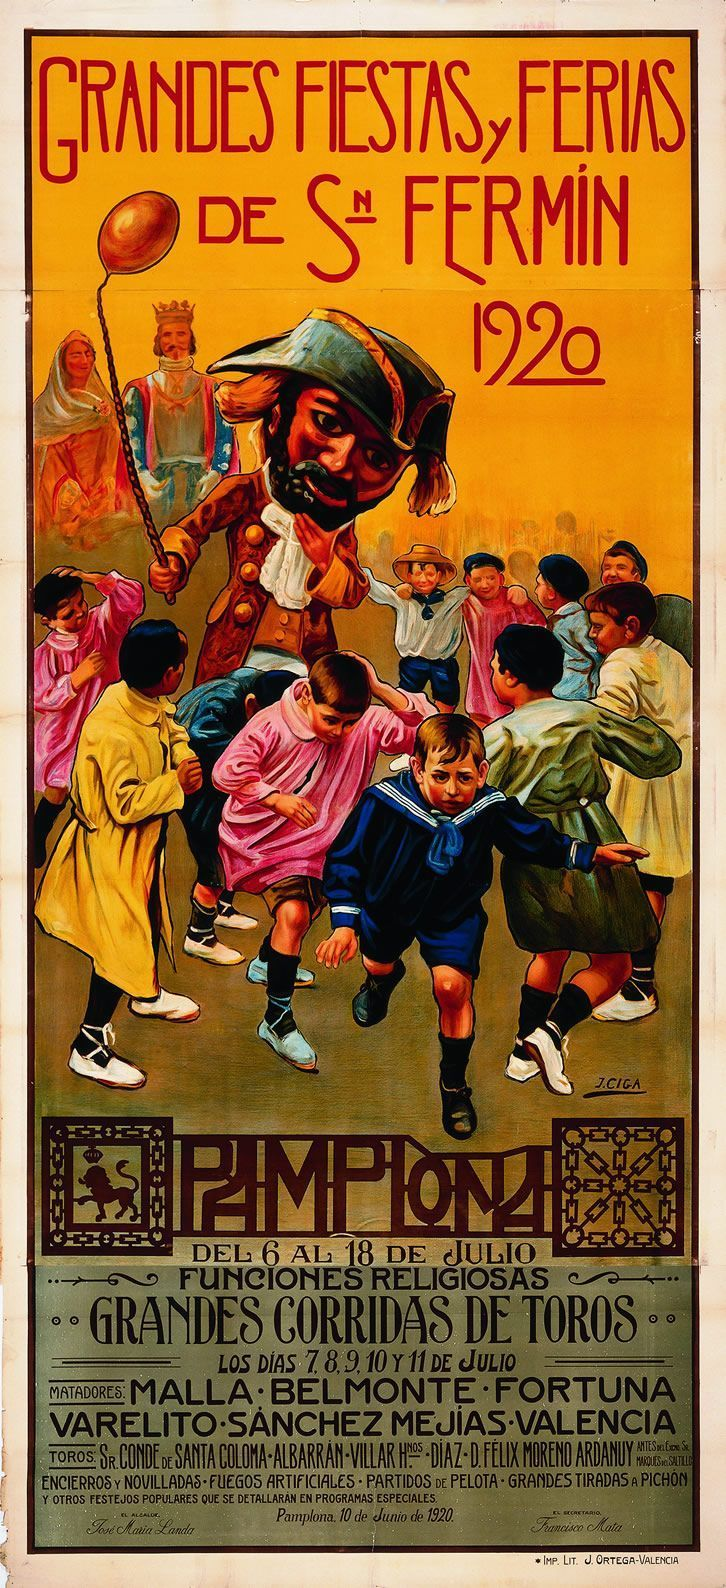 PAMPLONA 1920